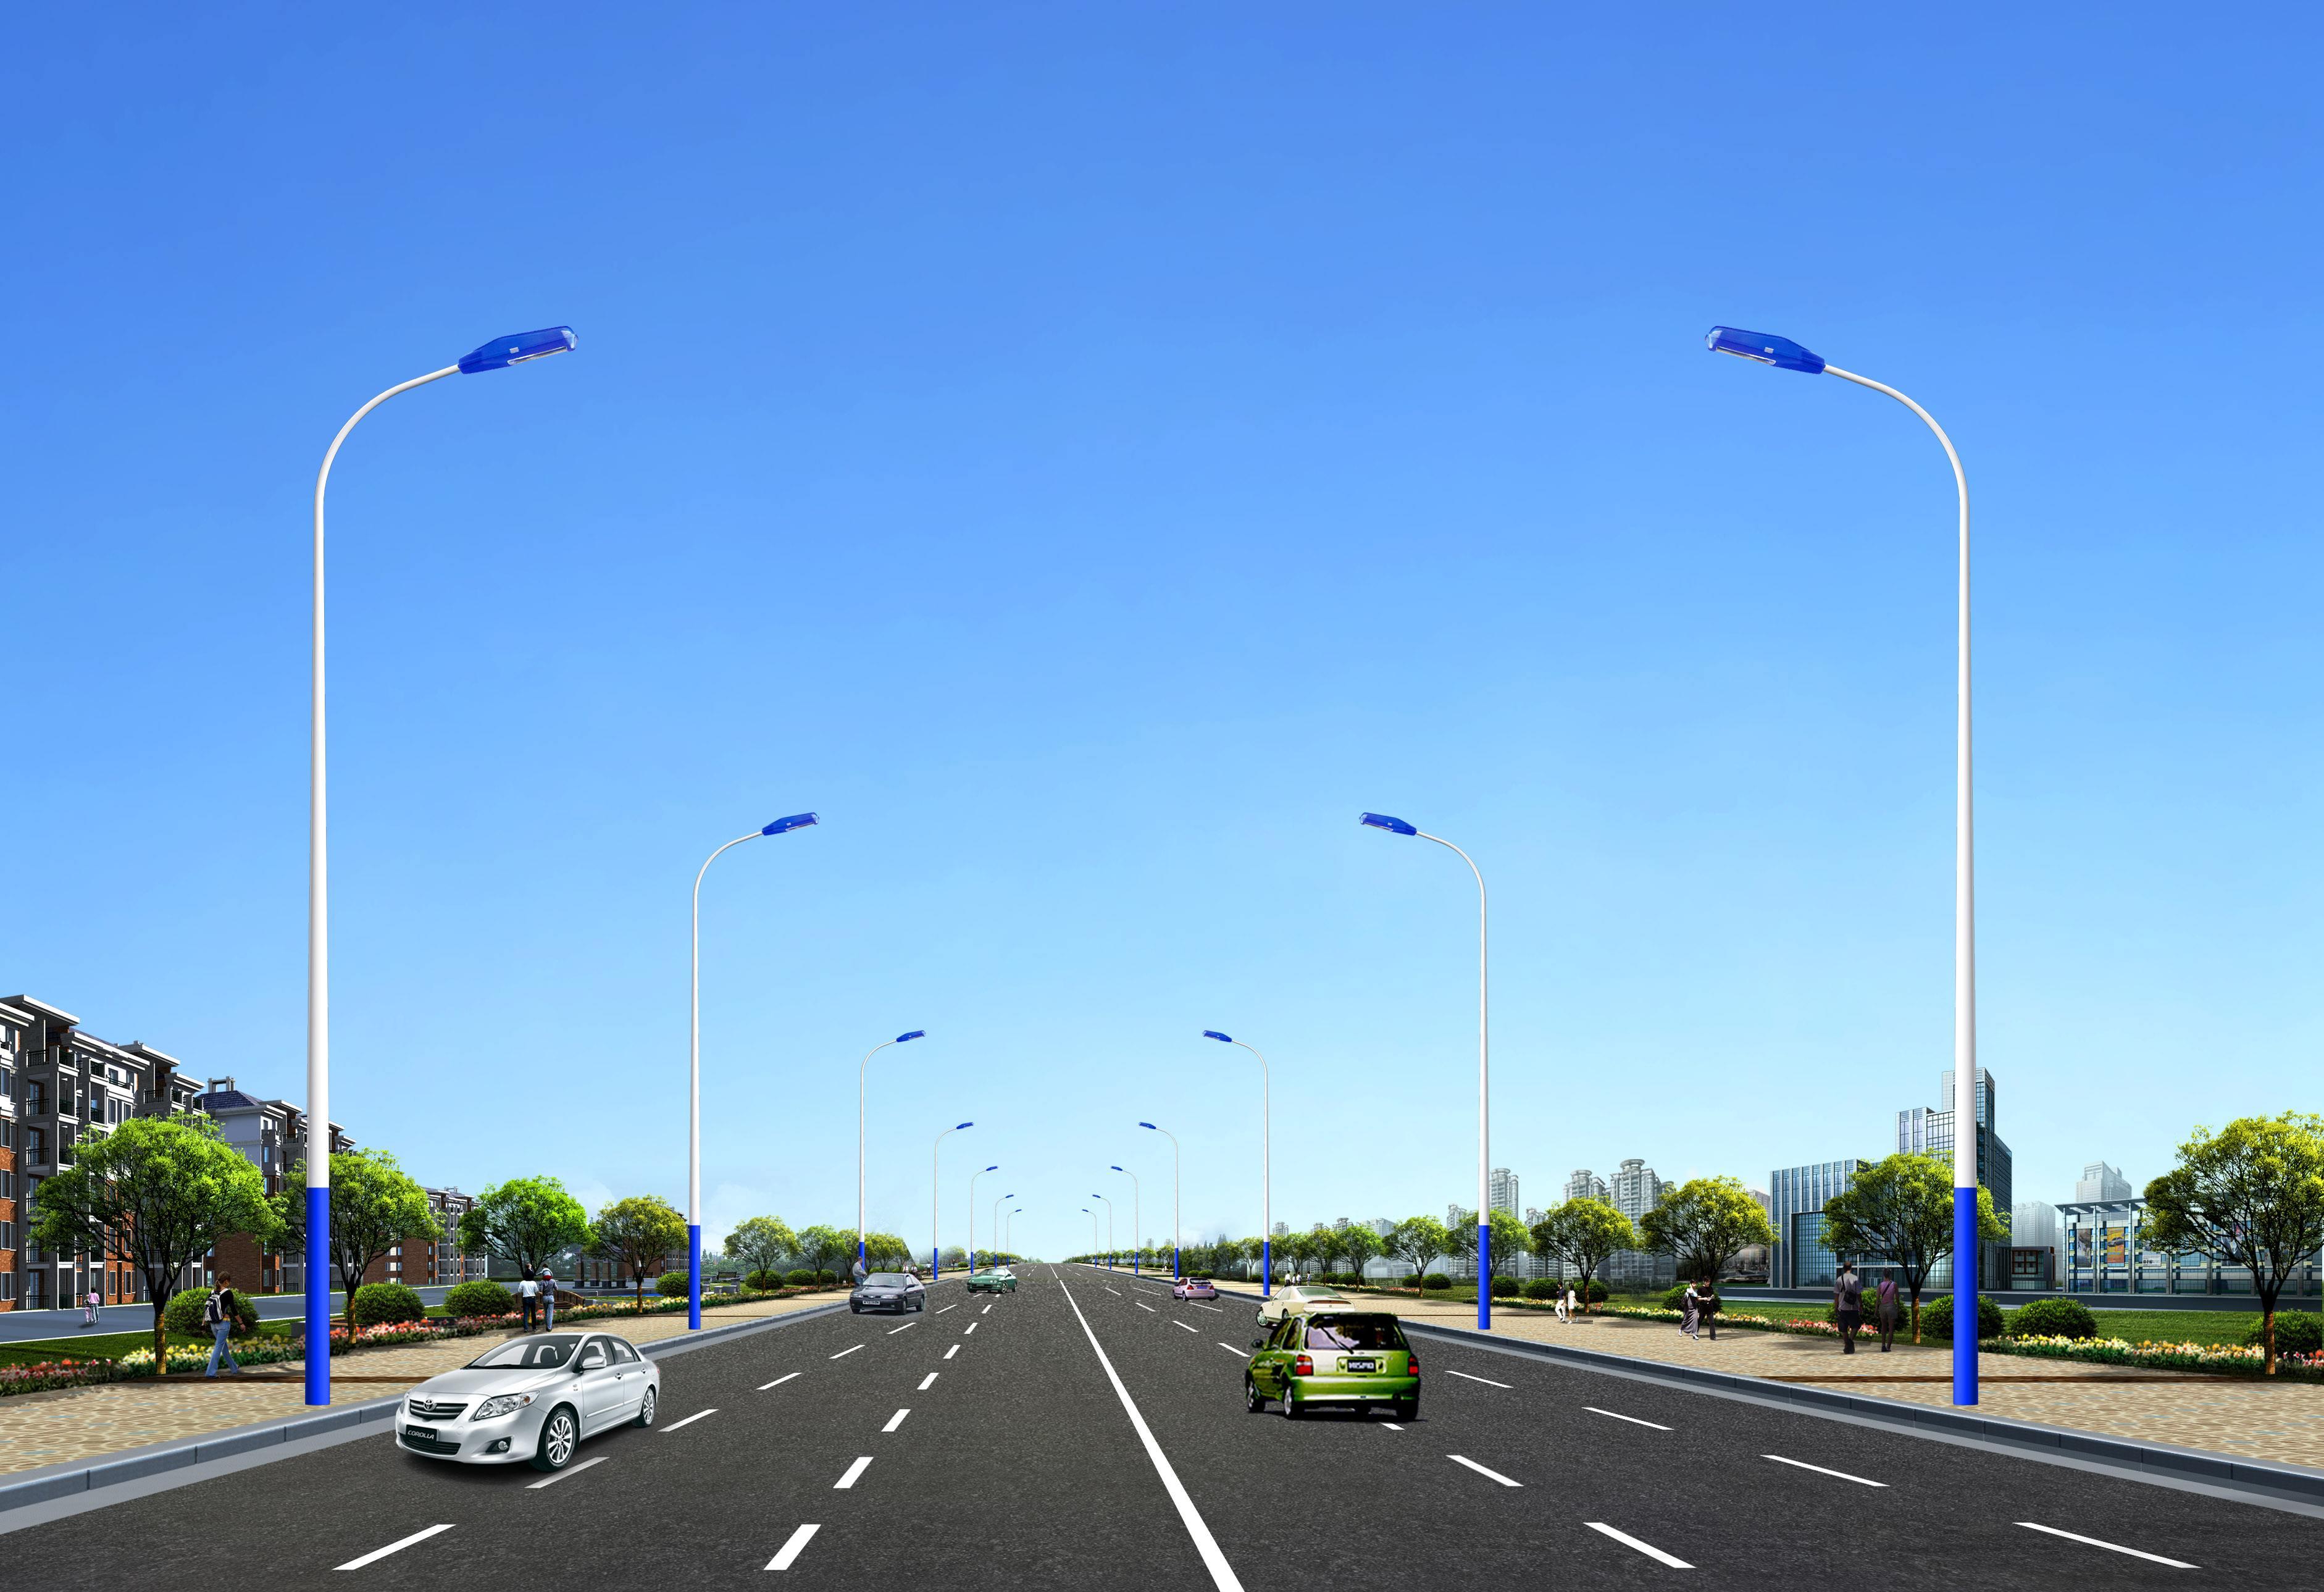 河南省郑州市城市道路上的自弯臂LED路灯